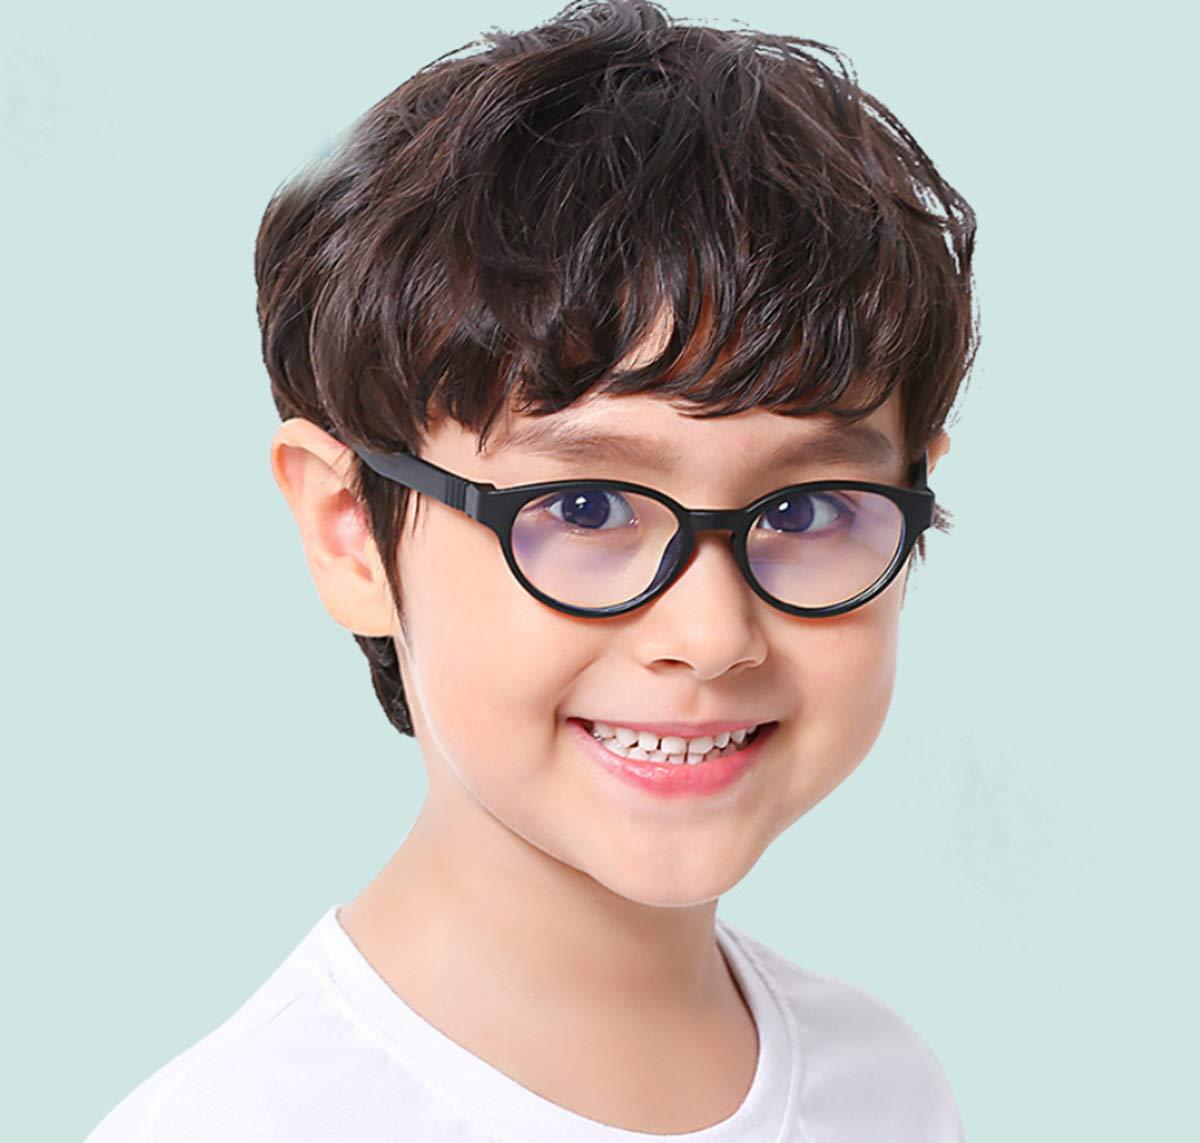 Round-pink Occhiali per videogiochi per bambini FOURCHEN Occhiali luce blu bloccanti per il blocco della cefalea UV,Occhiali anti blu per bambini Occhiali per computer